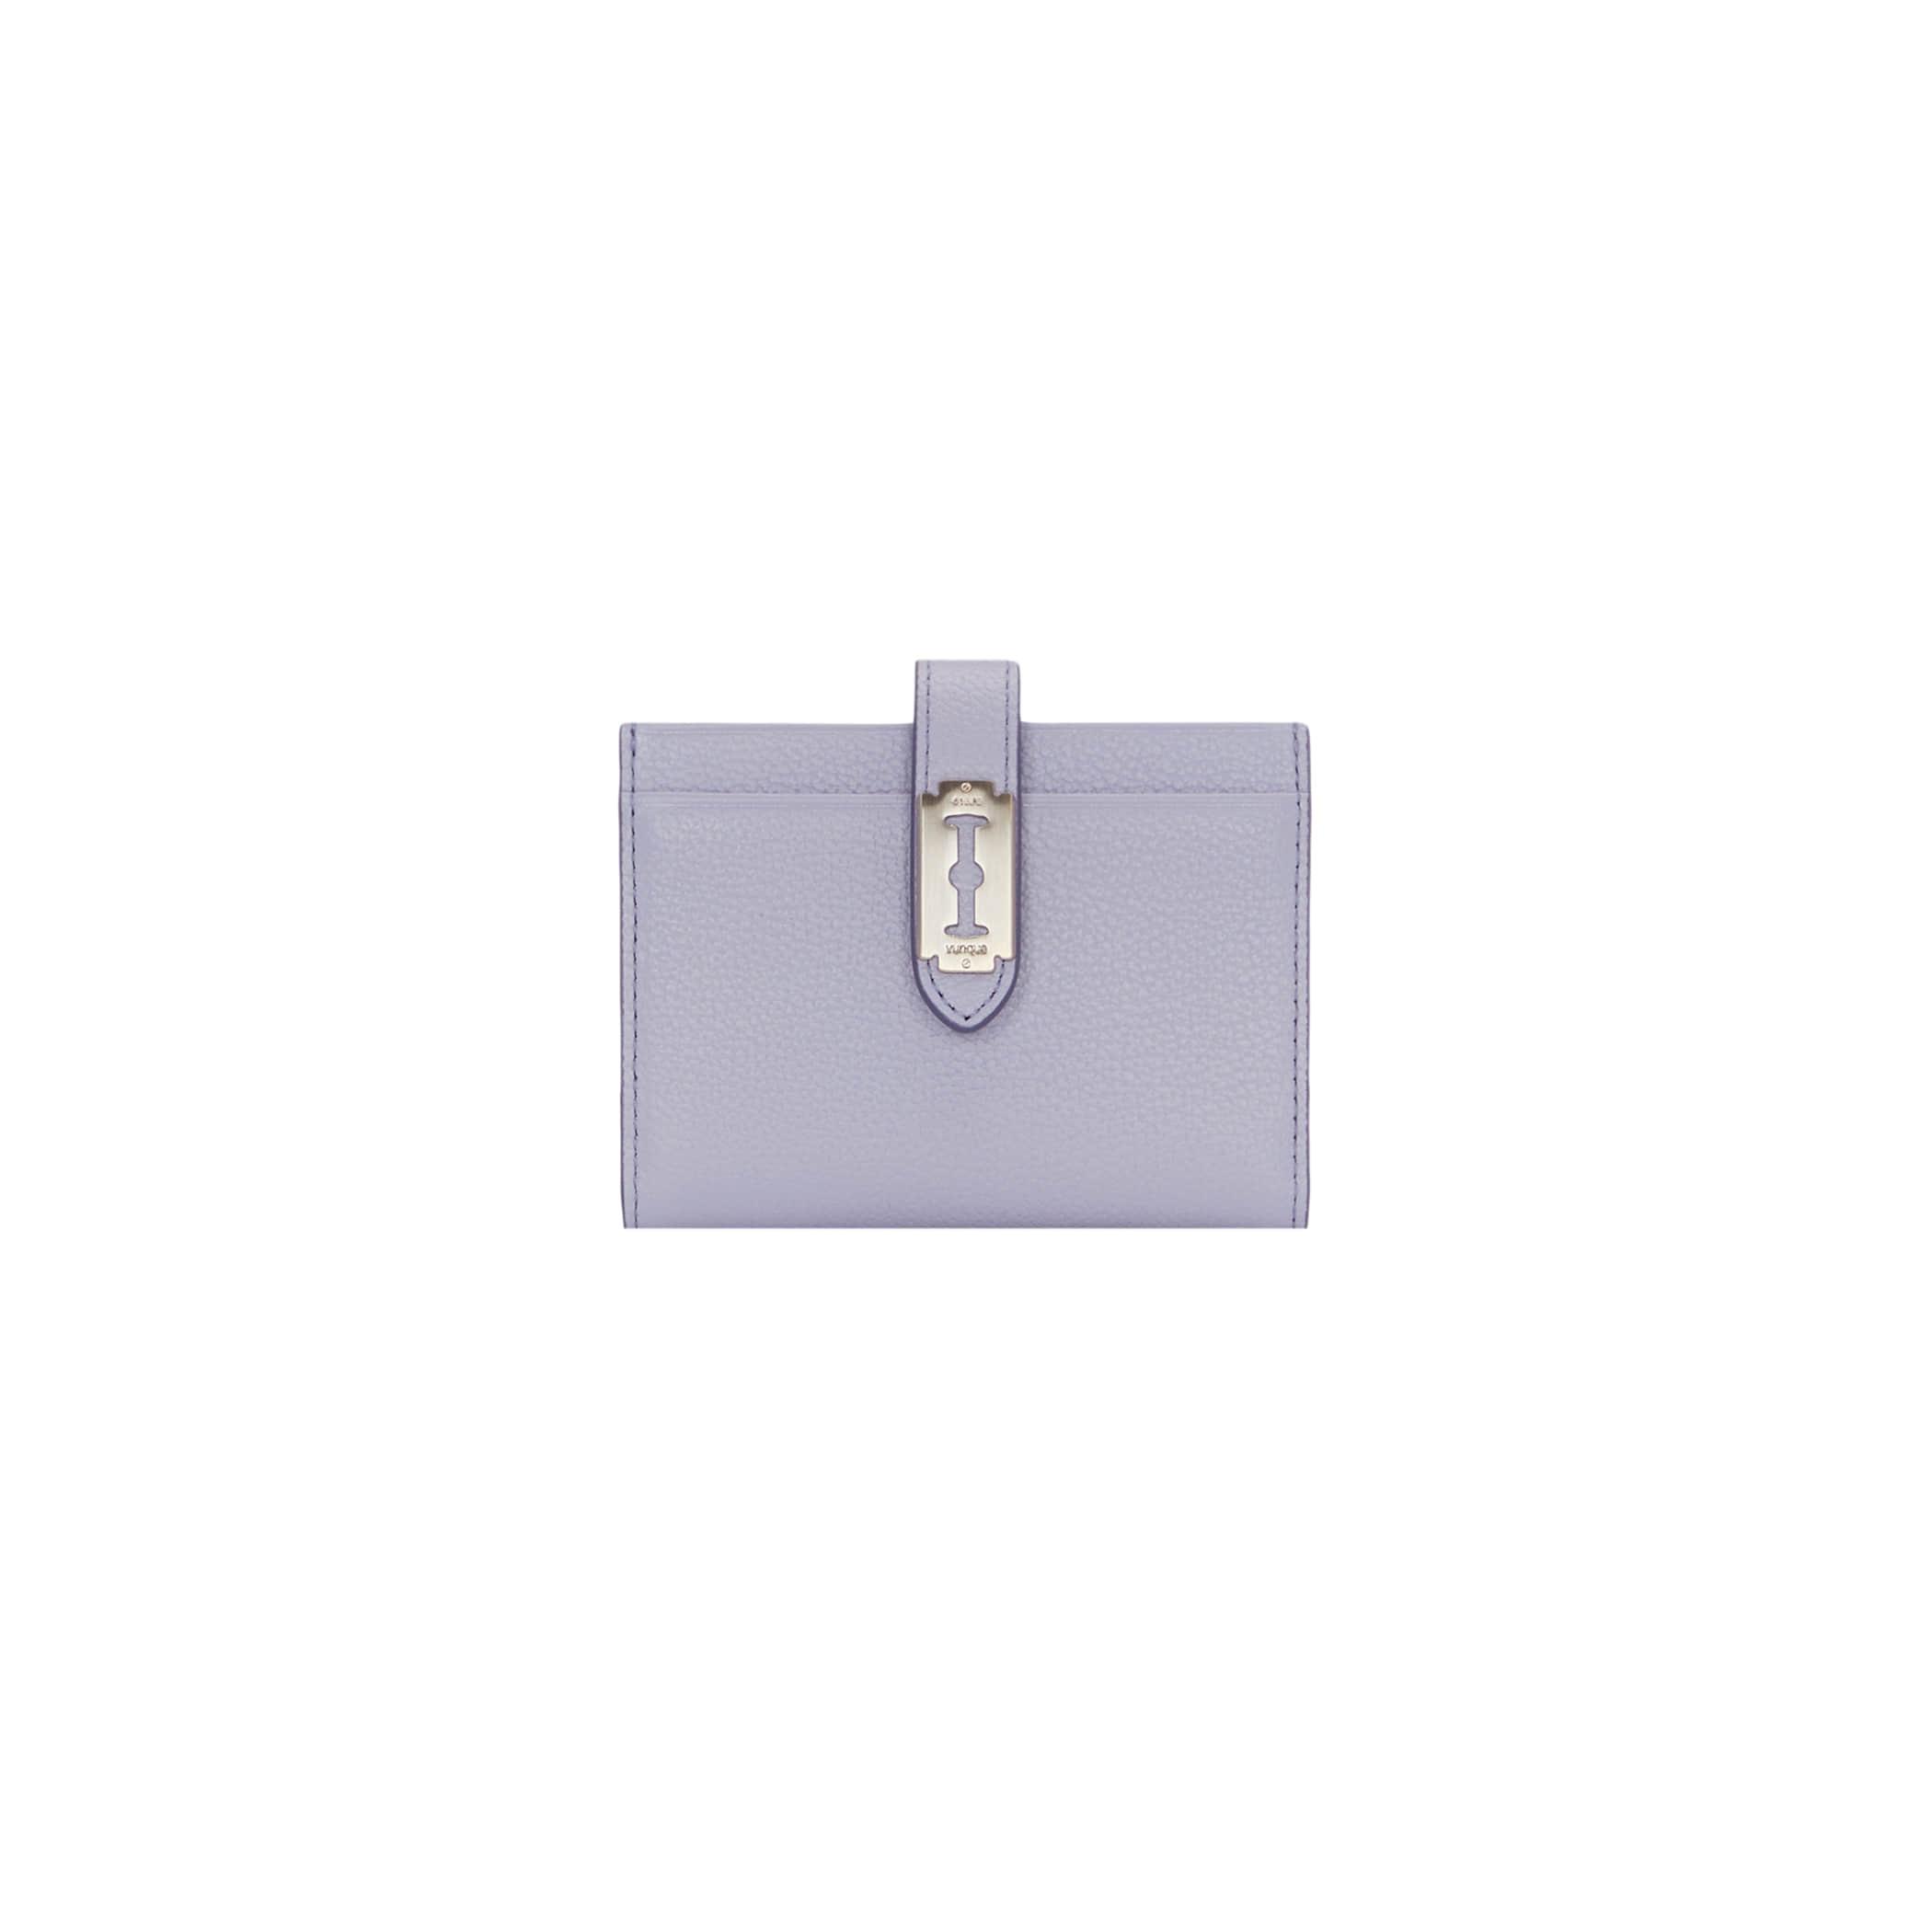 Magpie Card Wallet (맥파이 카드지갑) Lavender